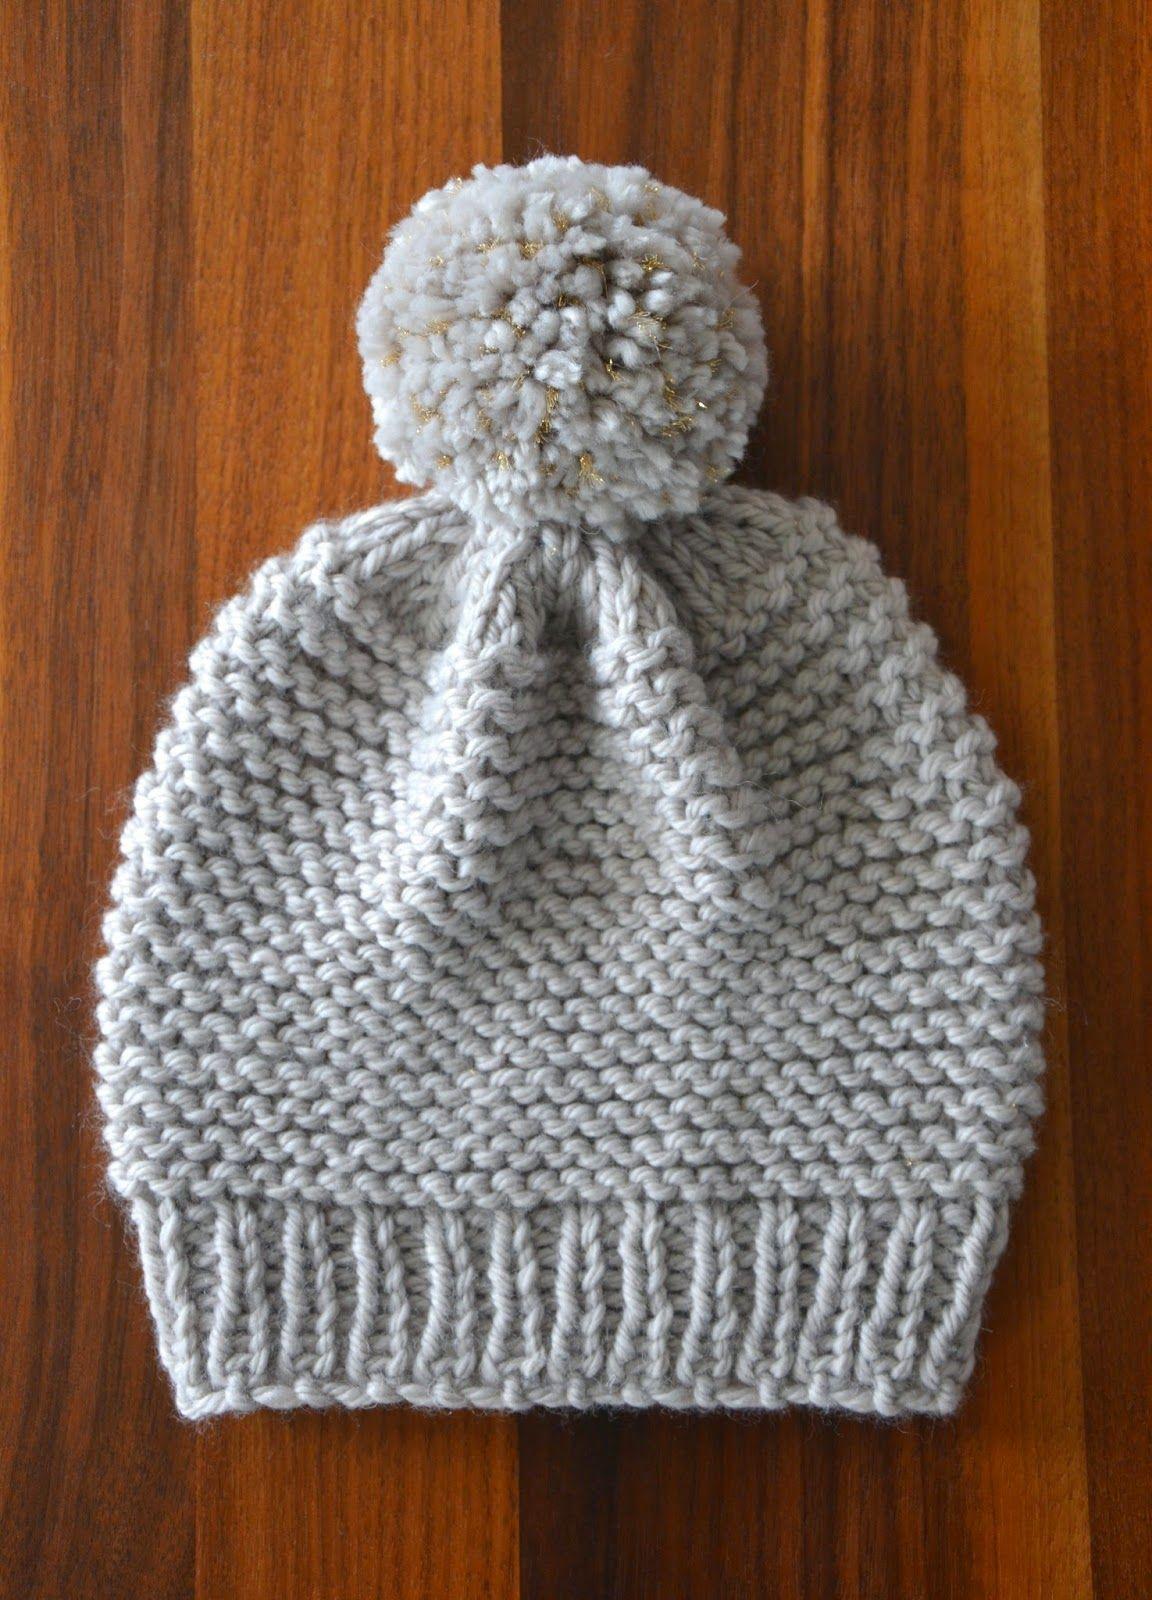 aabab9687d06 Bonjour Aujourd hui je vous propose des modèles et des tutos de bonnet au  tricot, des bonnets faciles à faire pour lutter contre ce froid qui s est  installé ...